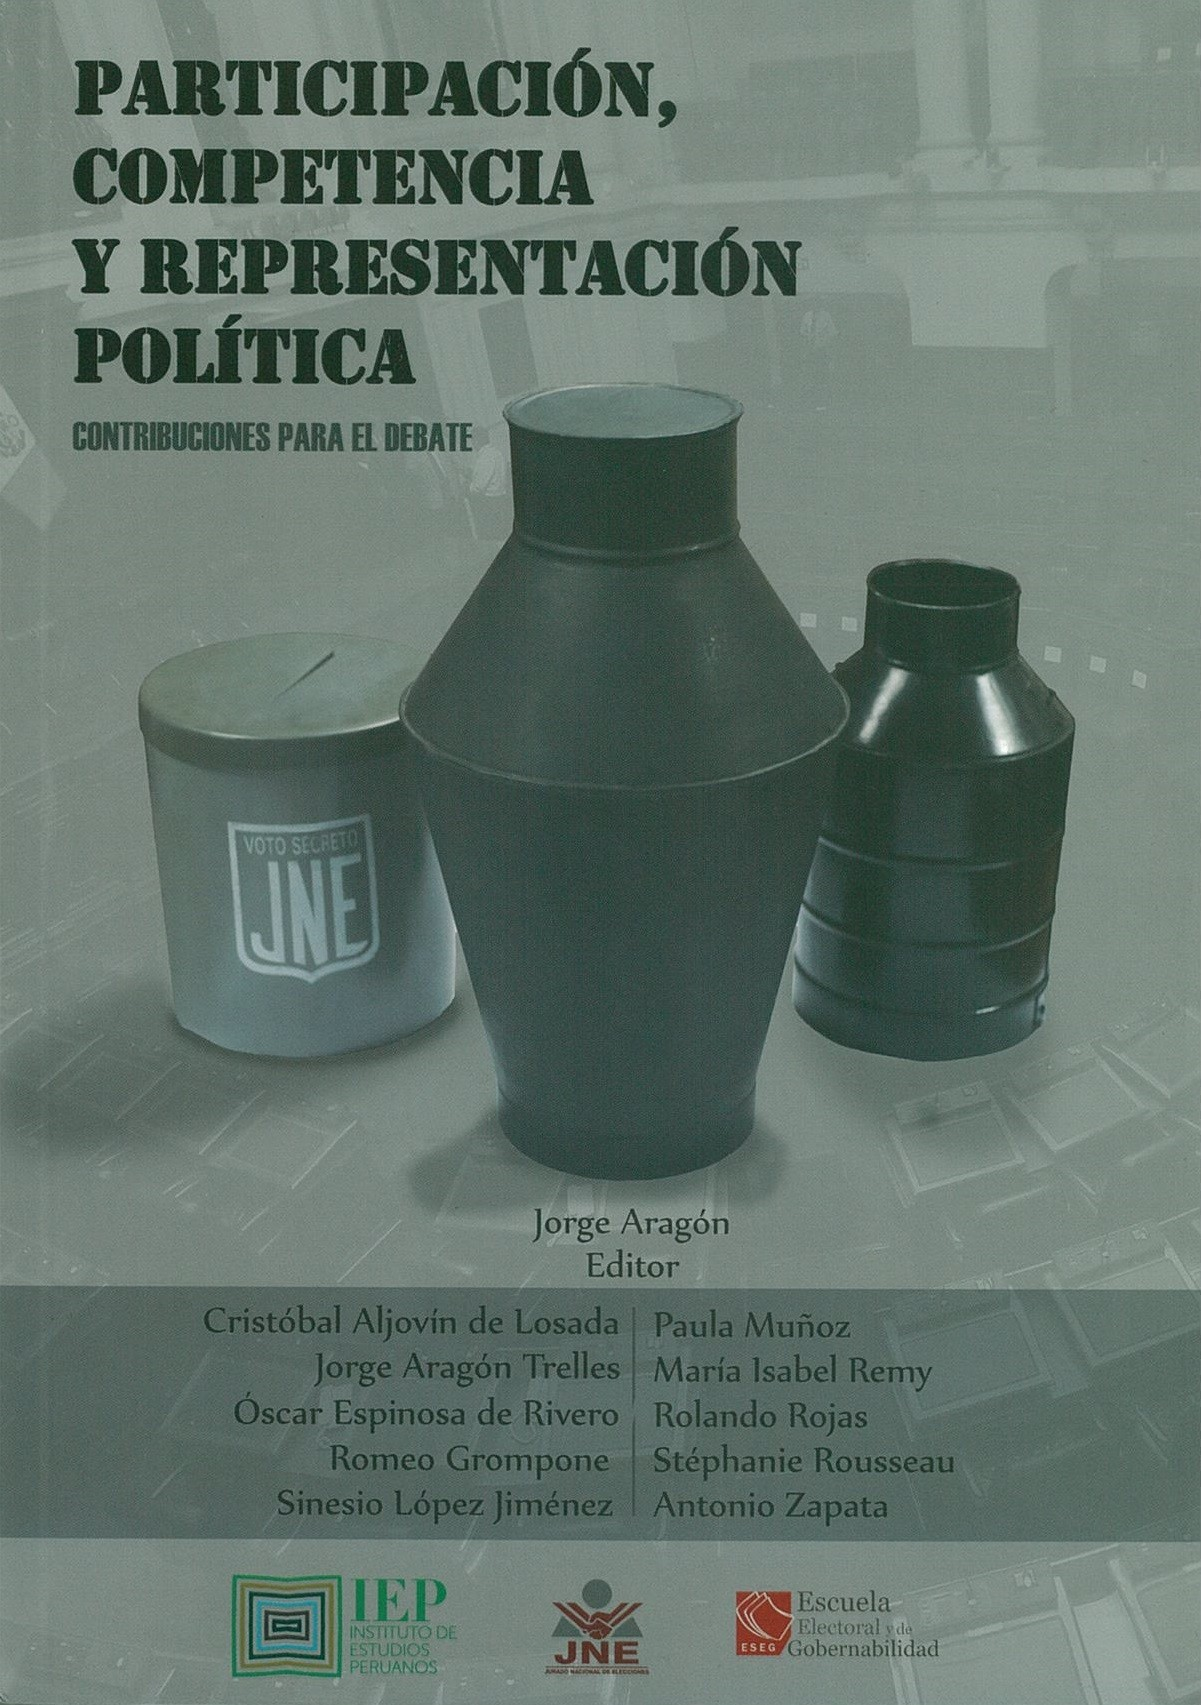 Participación, competencia y representación política: contribuciones para el debate